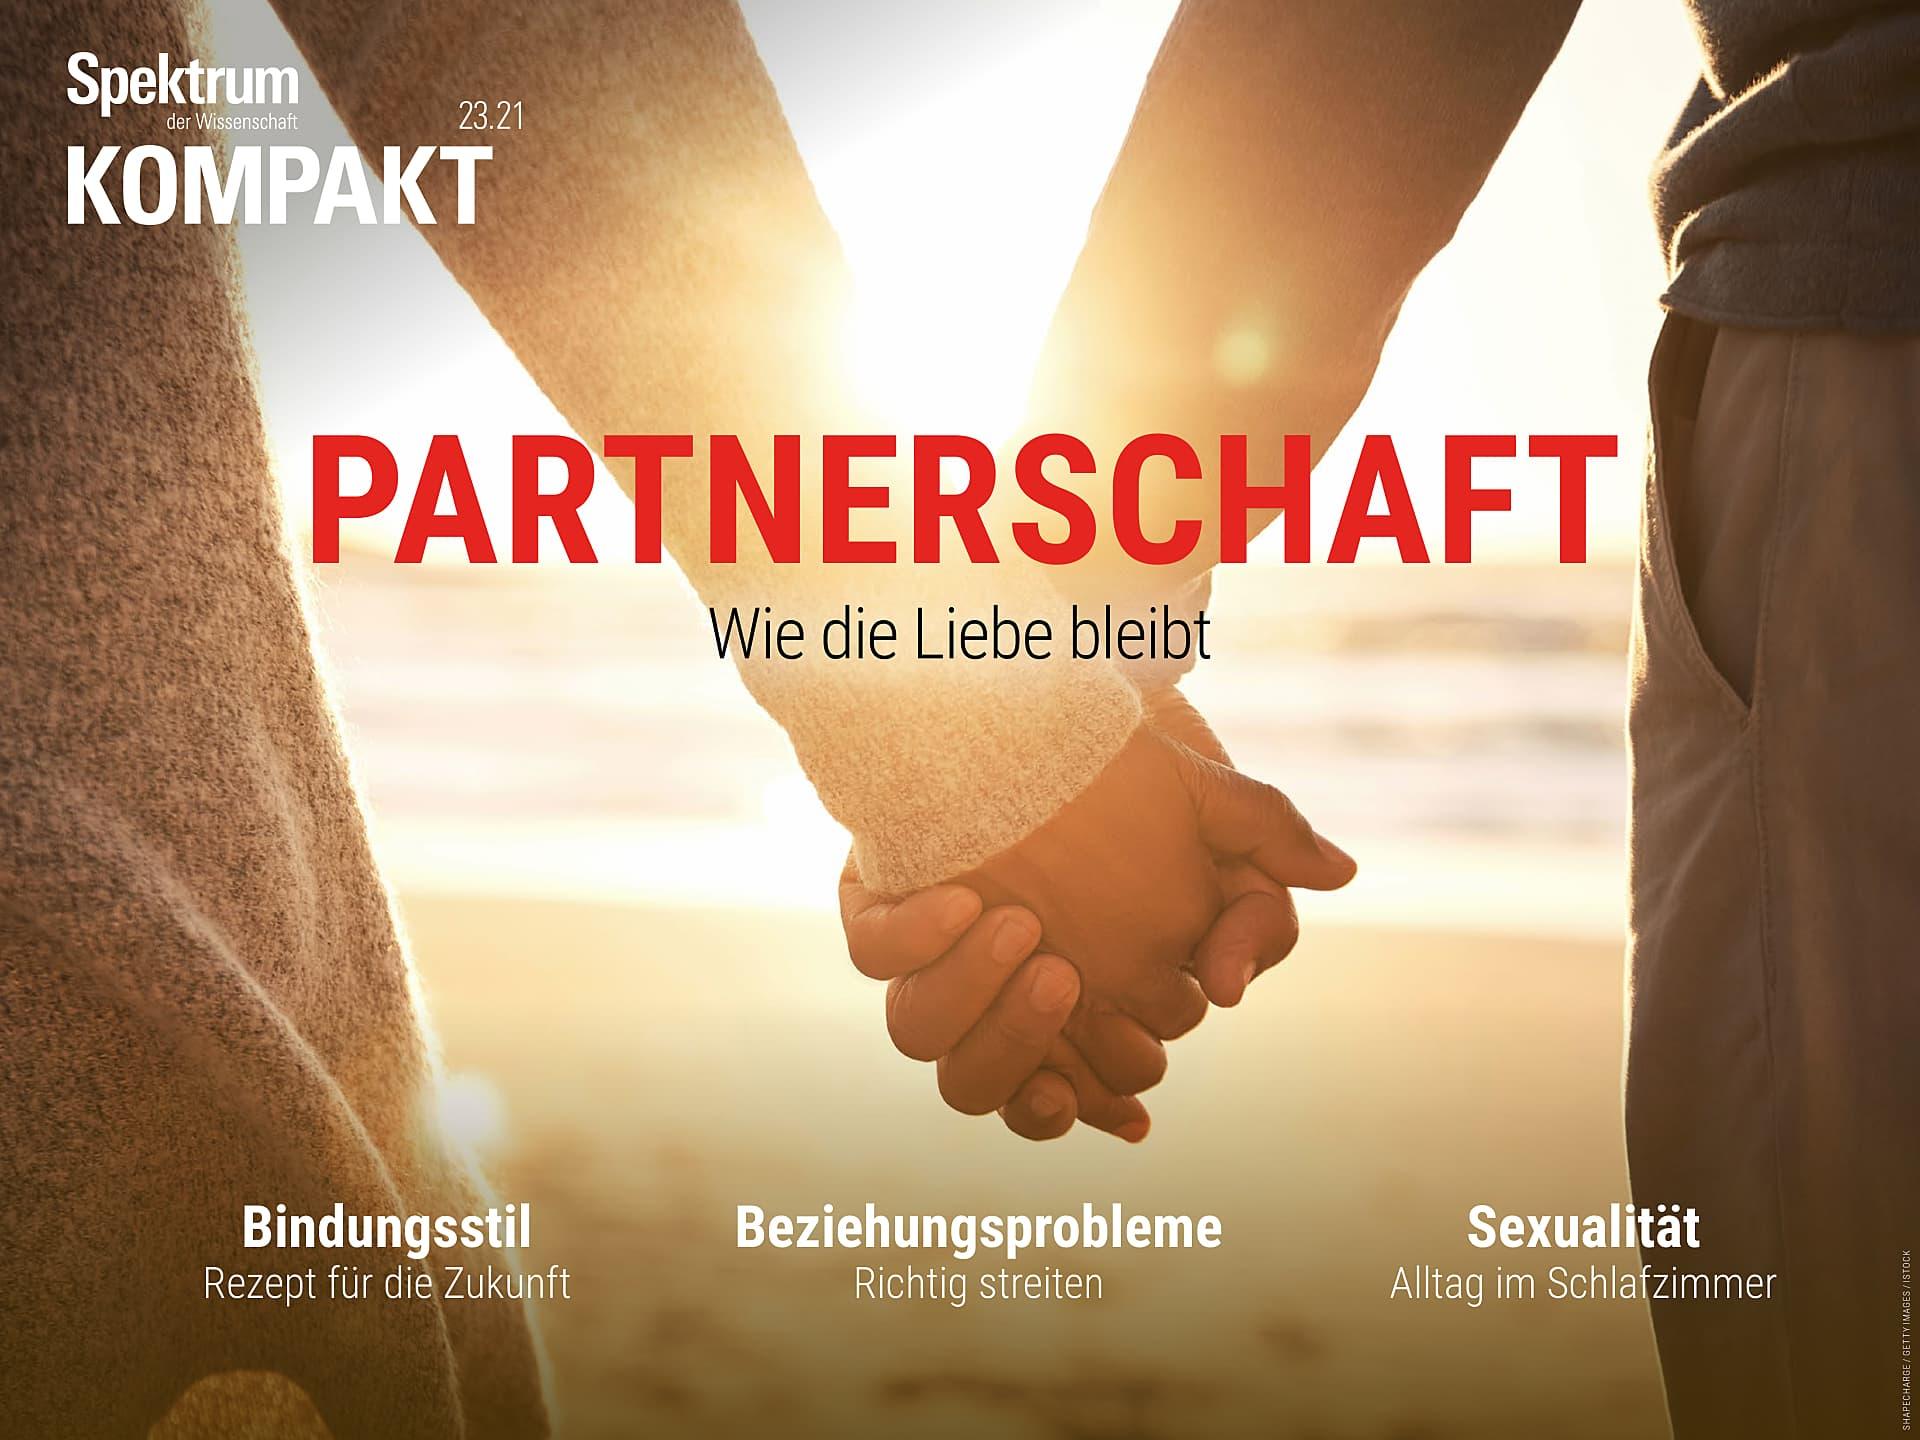 Partnerschaft - Wie die Liebe bleibt